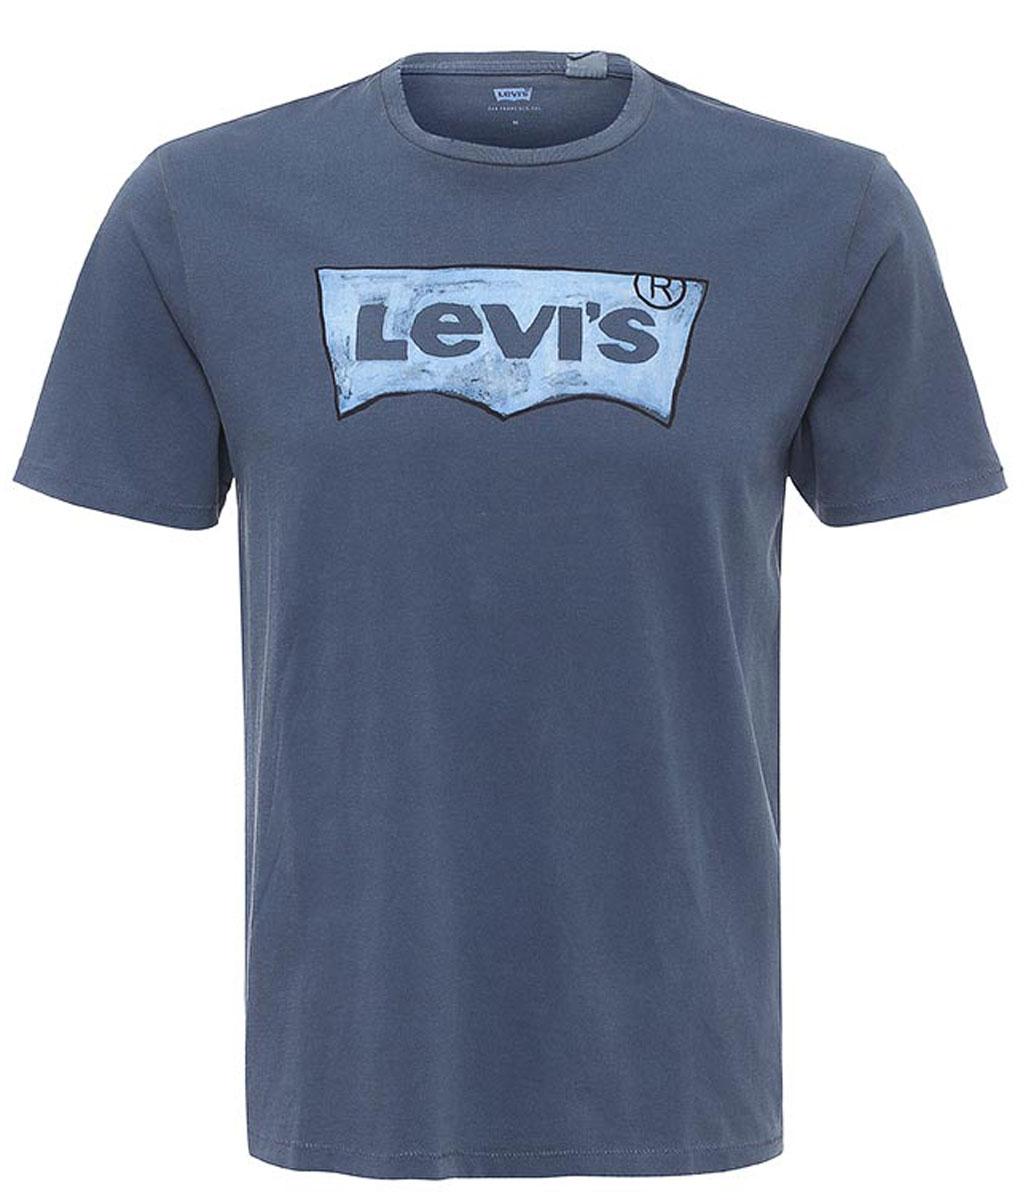 Футболка2248900330Футболка с принтом Levis® прямого покроя с круглым вырезом горловины. У модели имеется эффект состаренного изделия. на груди расположен крупный принт в виде логотипа Levis.